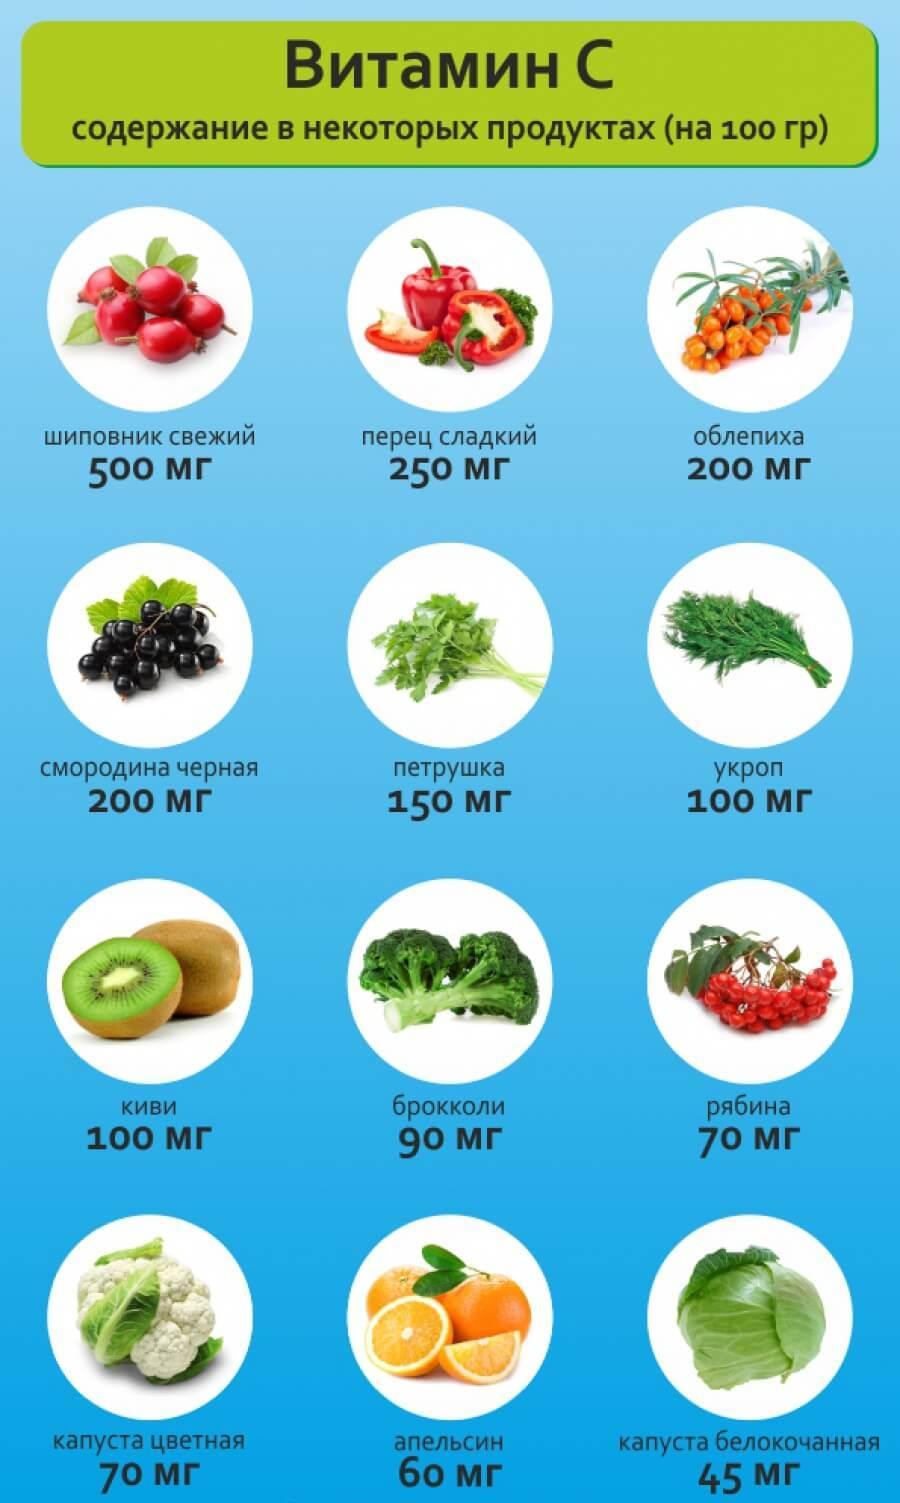 Ягоды и фрукты при авитаминозе